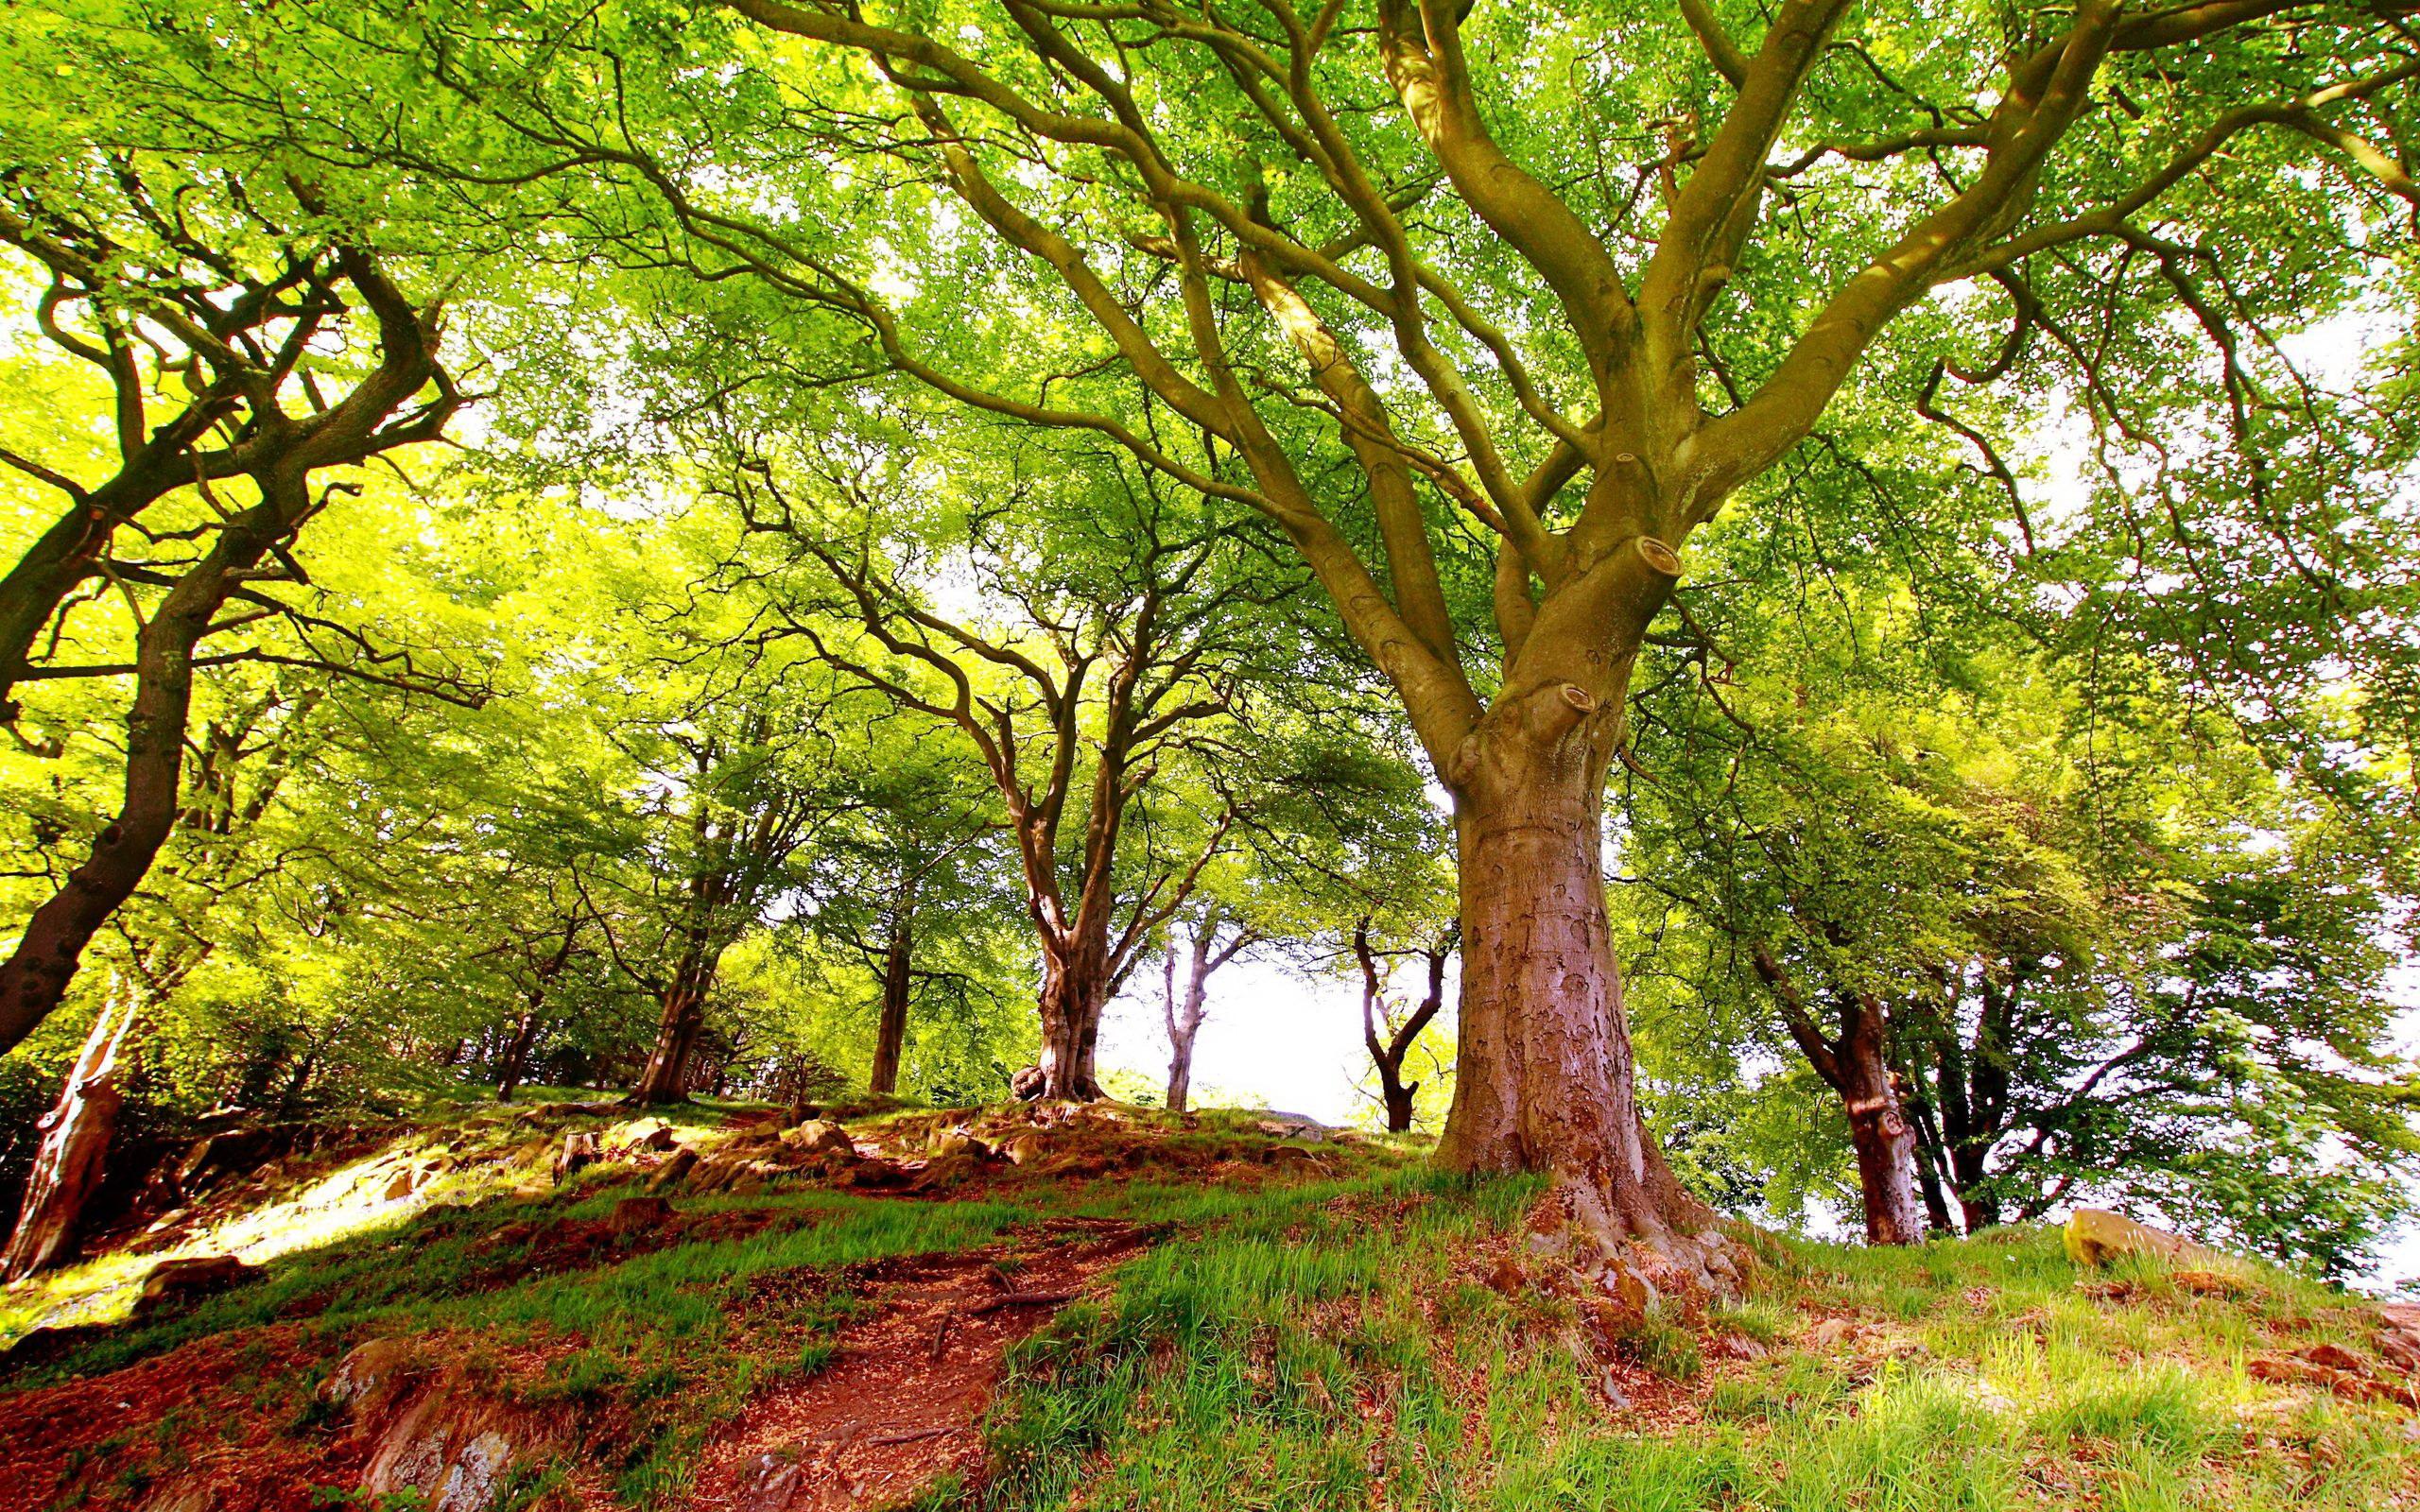 лес в горах, деревья, скачать фото